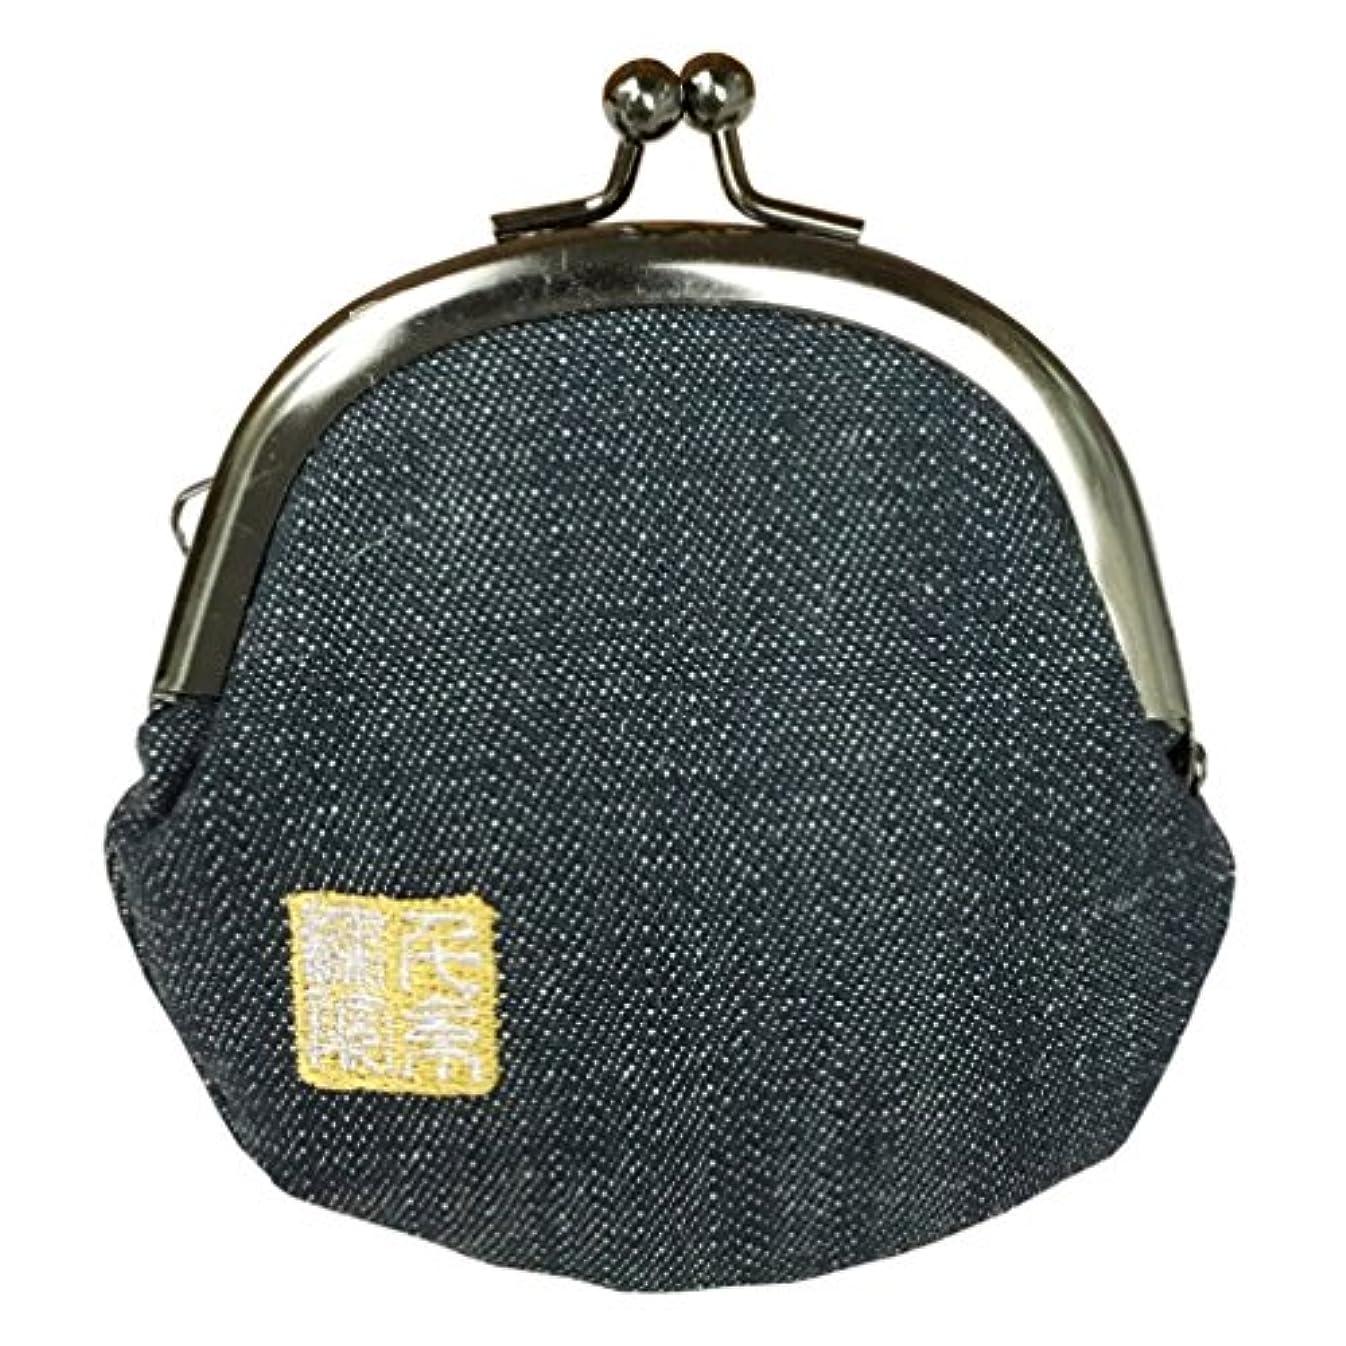 吐く常習的どう?千糸繍院 西陣織 金襴 がま口 2.5寸丸型財布/小銭入れ(裏地付き)